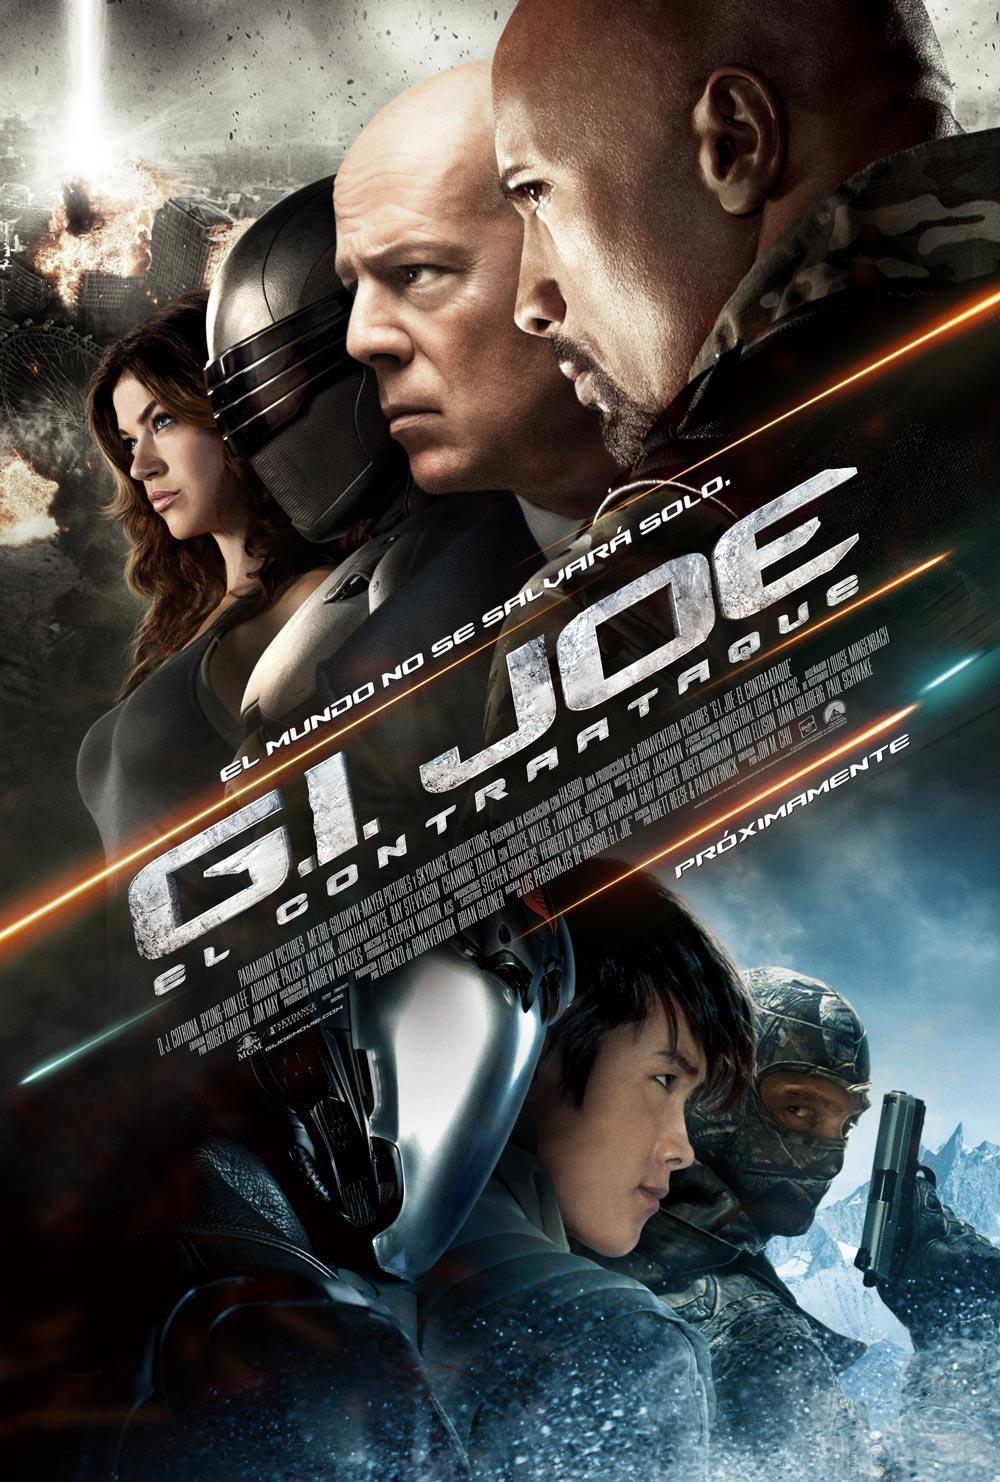 Assistir G.I. Joe 2: Retaliação Dublado 2013 ONLINE